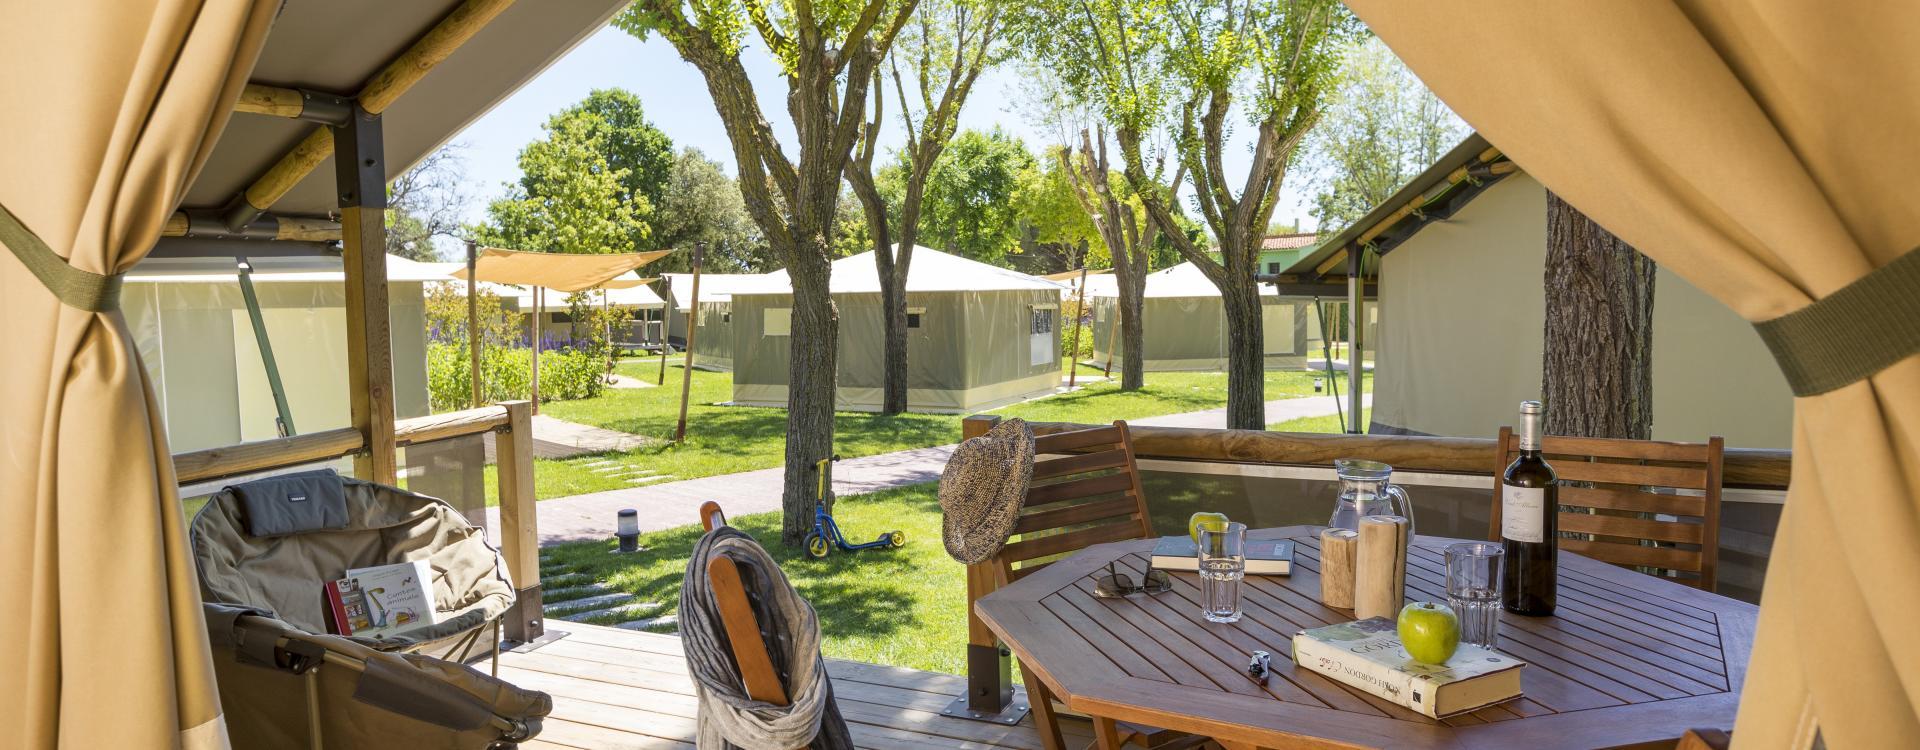 Tienda Super Fun - Camping Valldaro - Playa de Aro